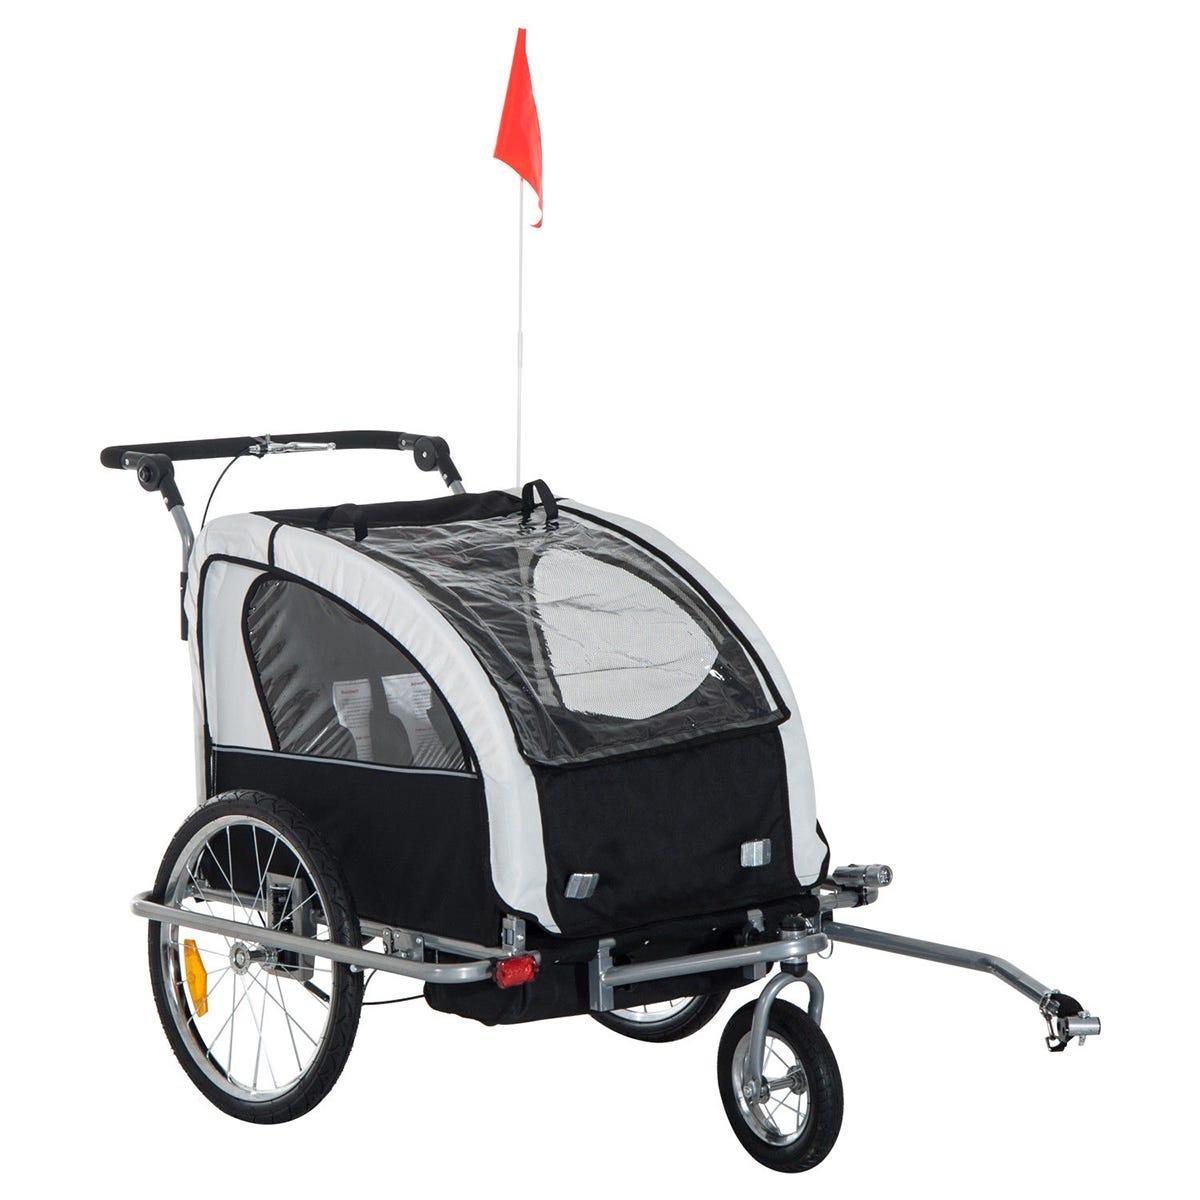 Reiten 2-In-1 2-Seater Kids Stroller & Bike Trailer - Black/White